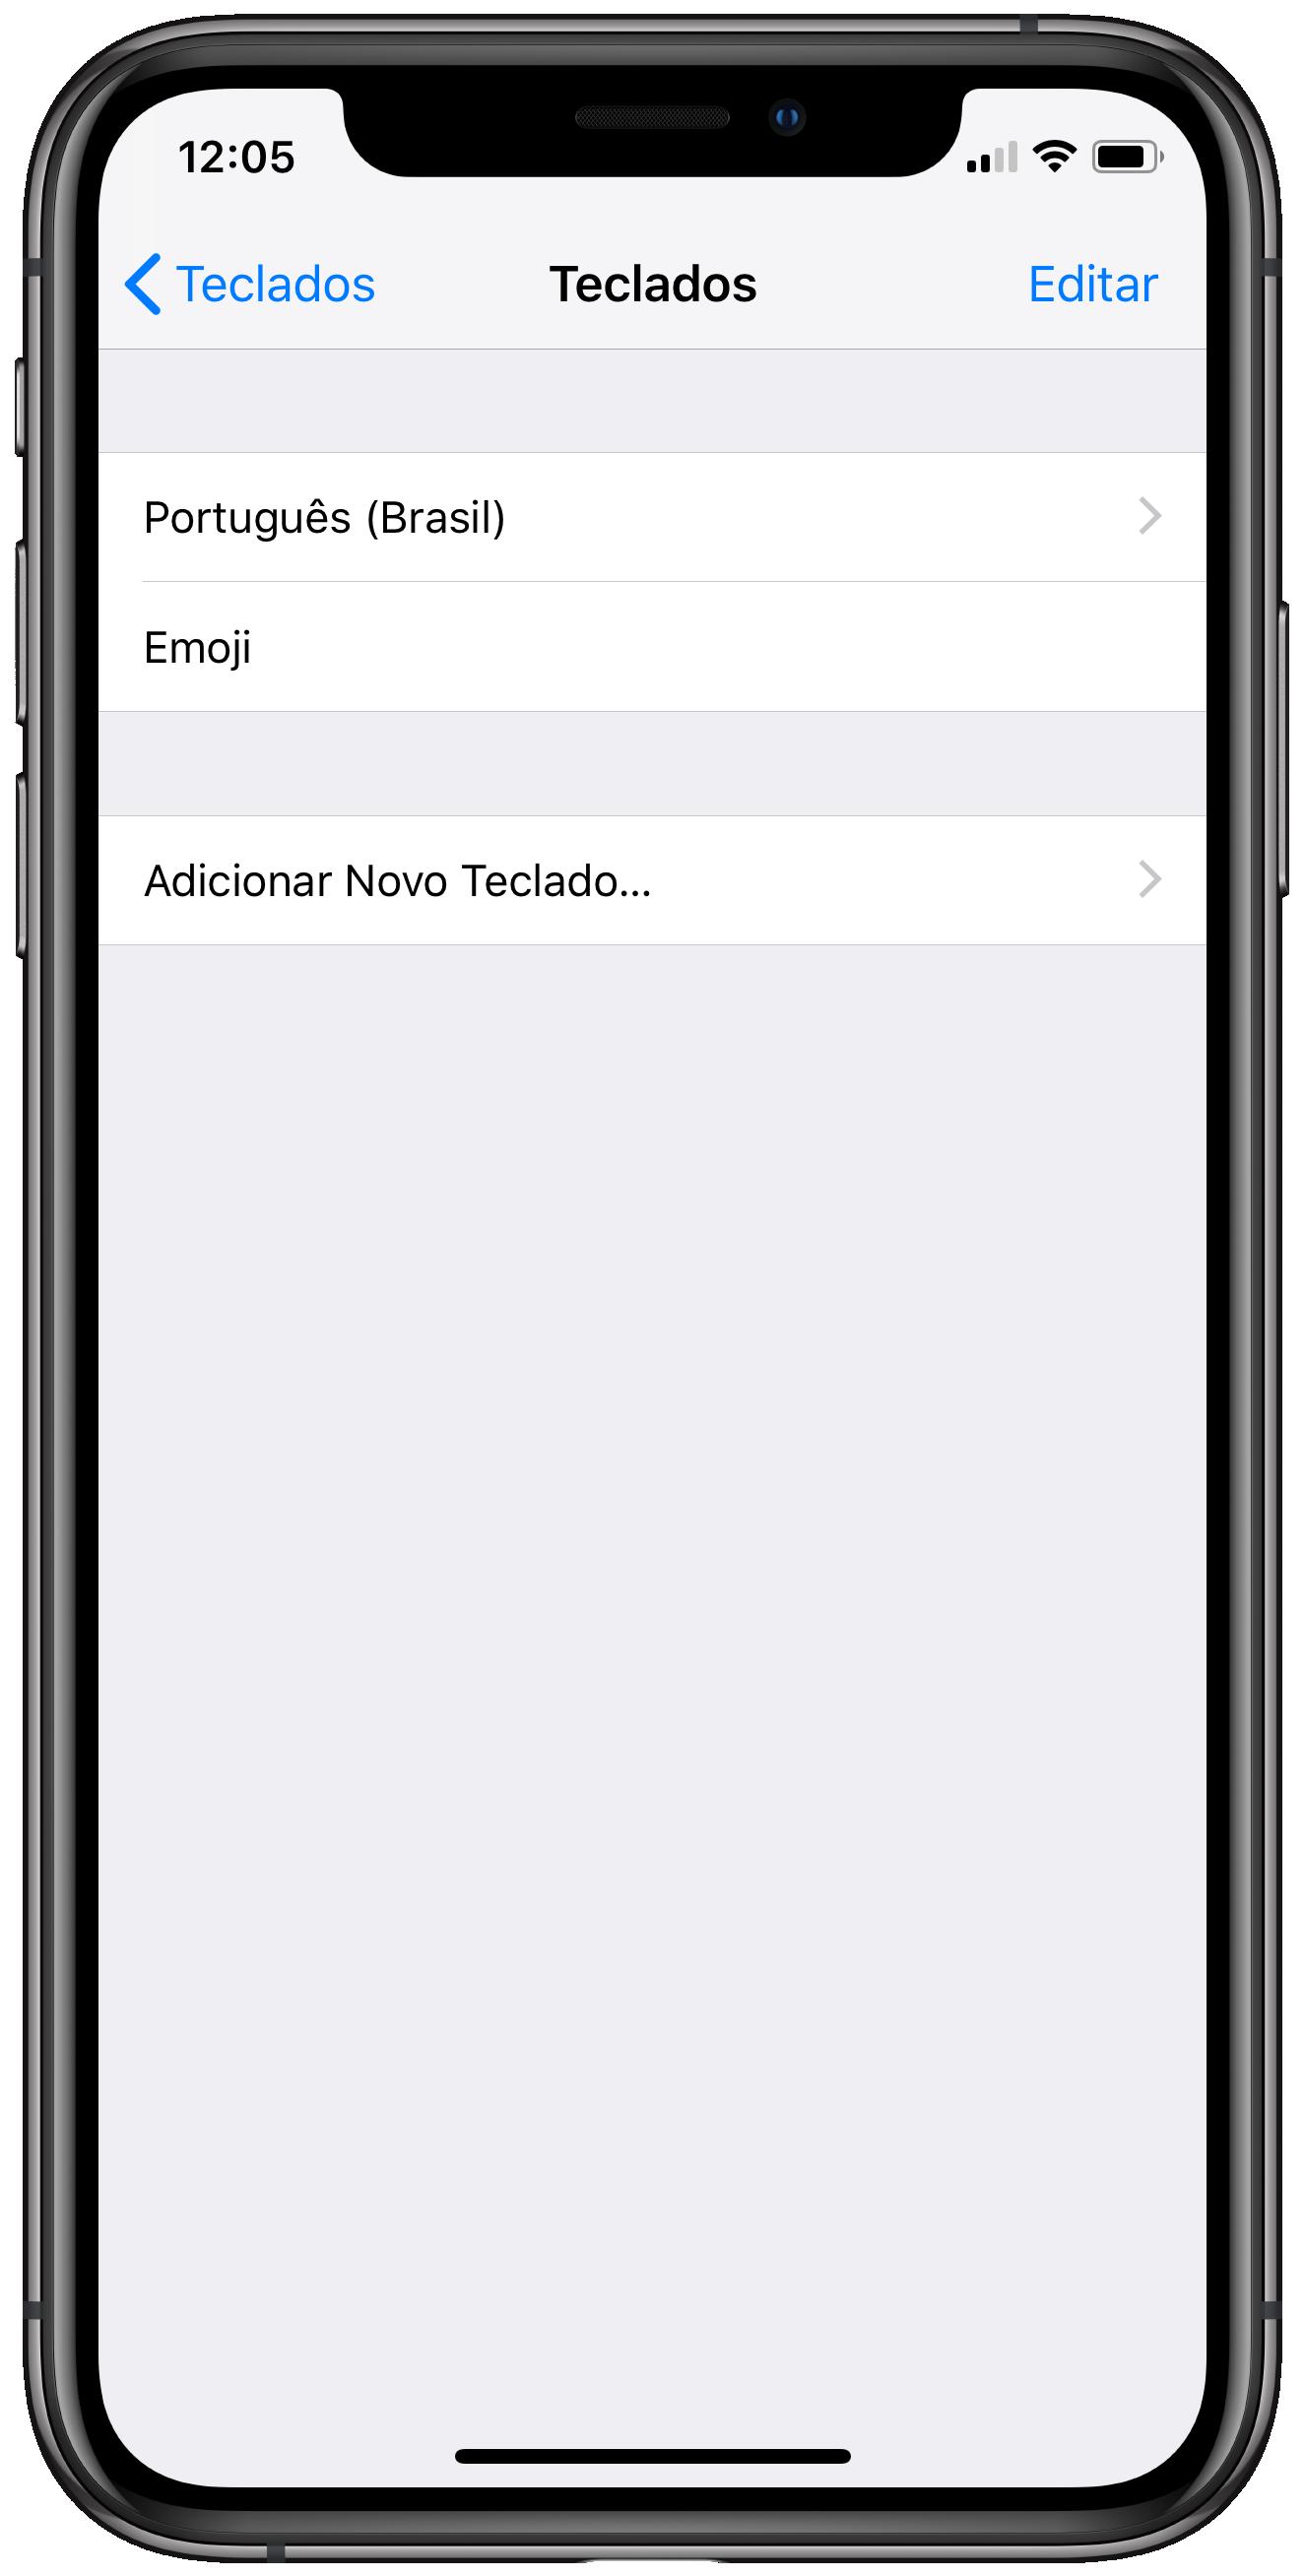 Usando emojis no iPhone